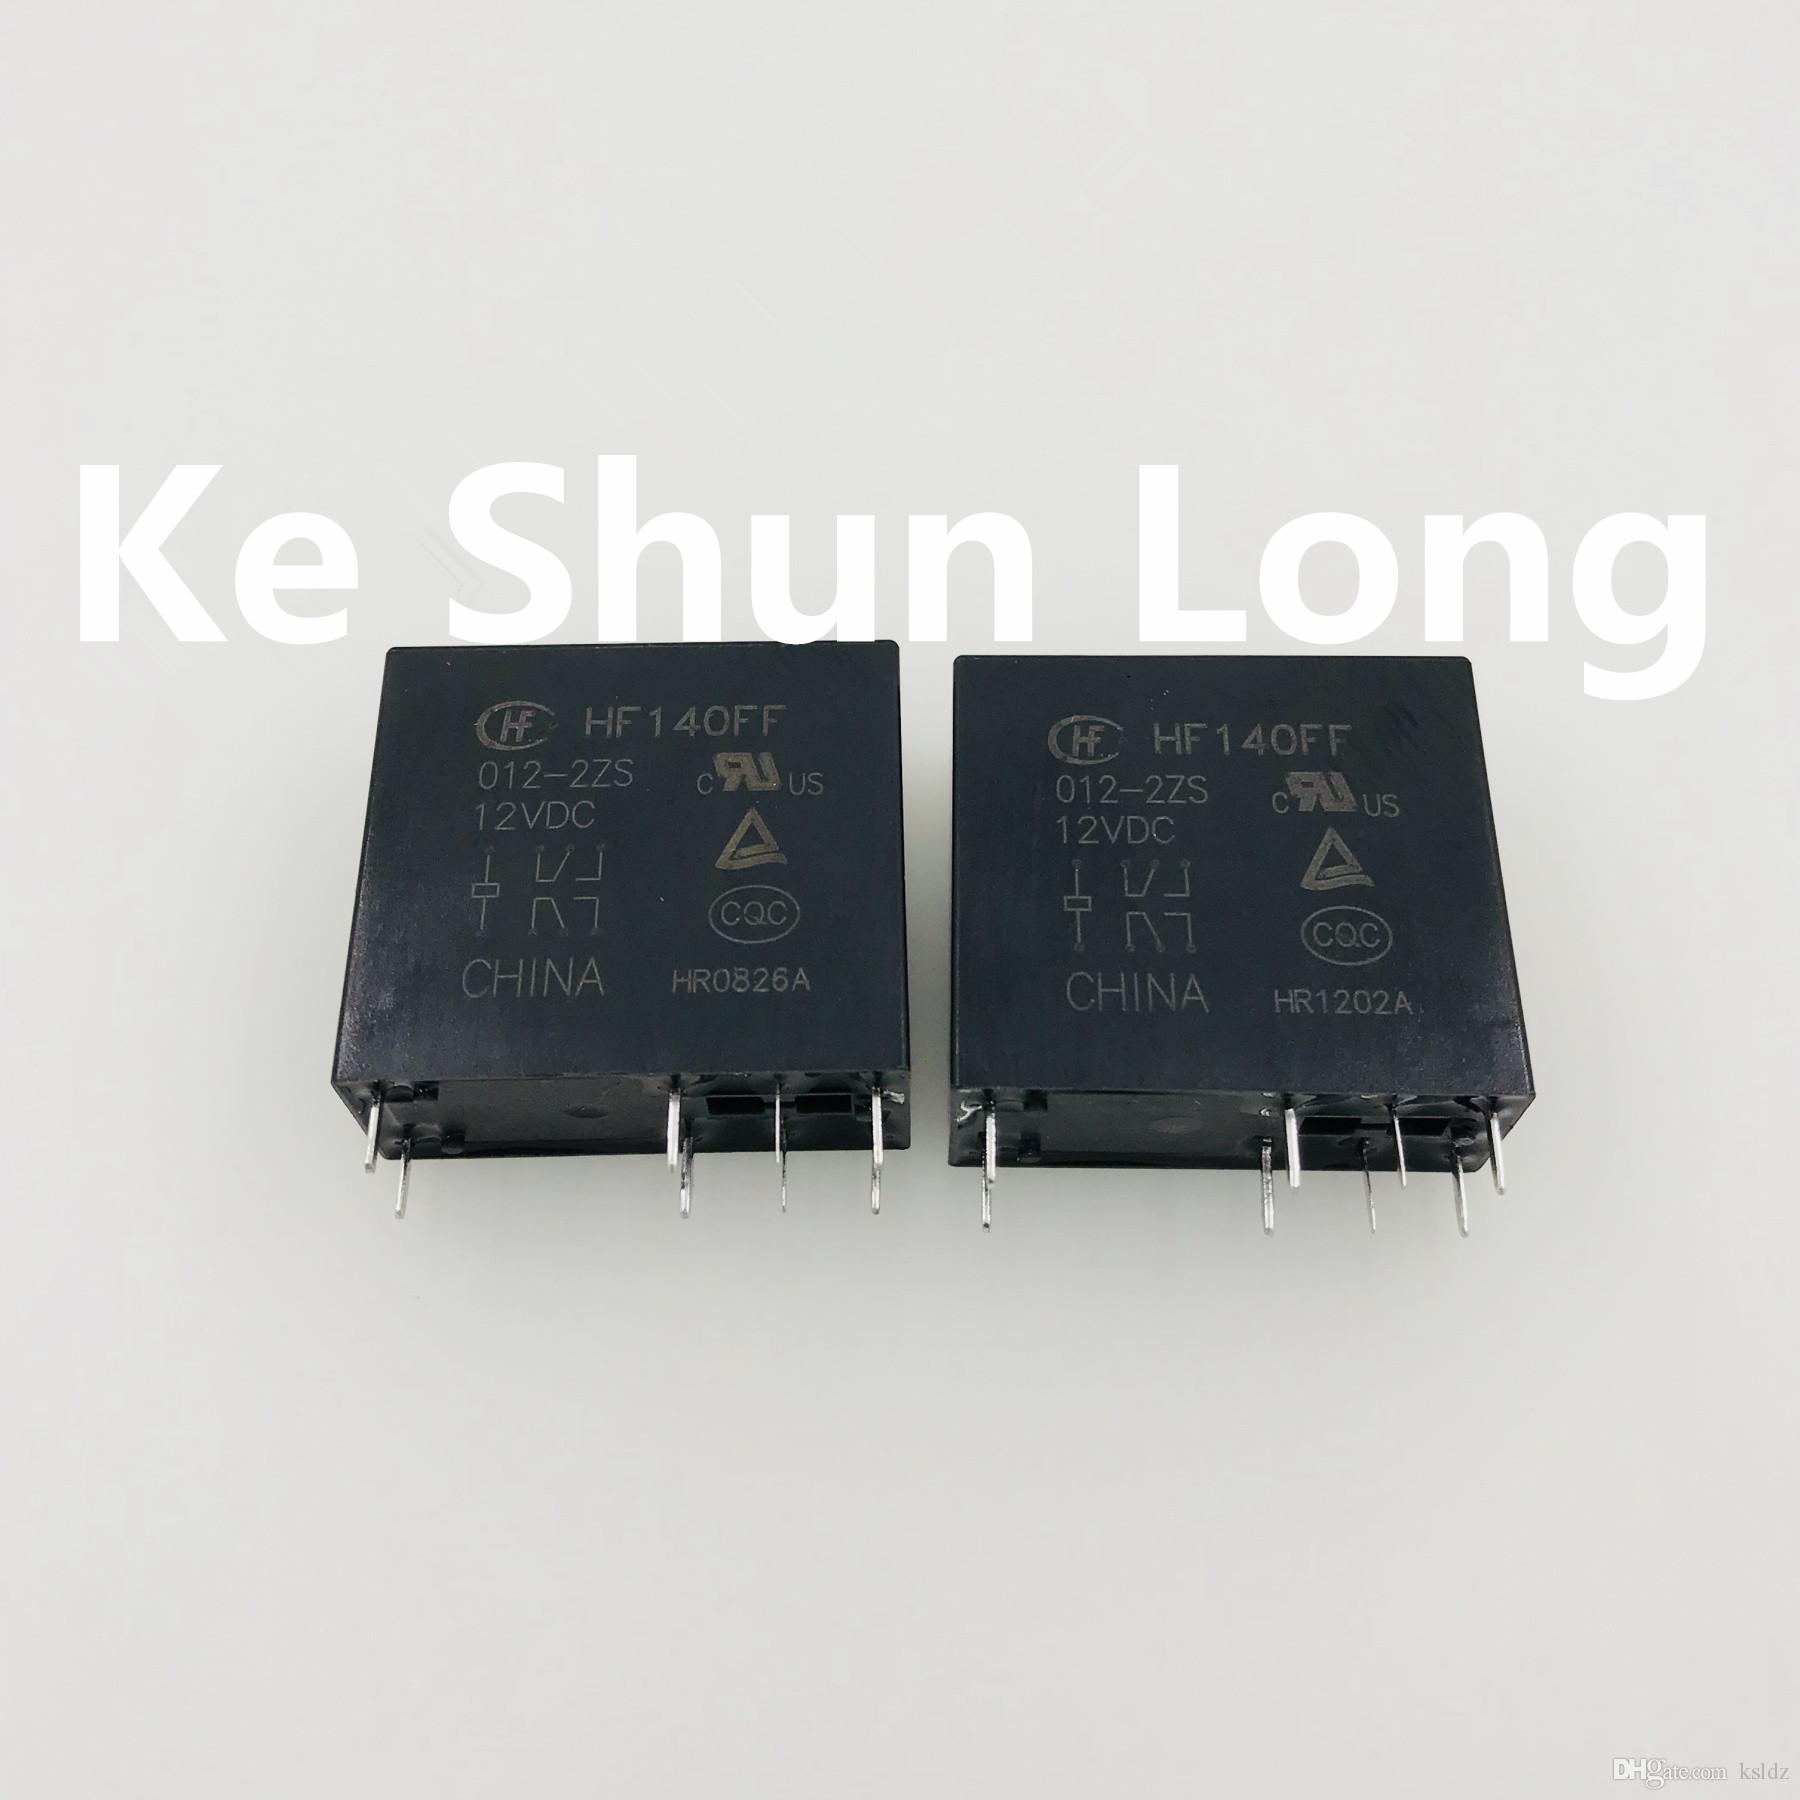 무료 배송 (5pieces / 많은) 원래 새로운 HF140FF JZX-140FF 005-2ZS 012-2ZS 024-2ZS 048-2ZS 8PINS 10A 5VDC 12VDC 24VDC 48VDC 전원 릴레이